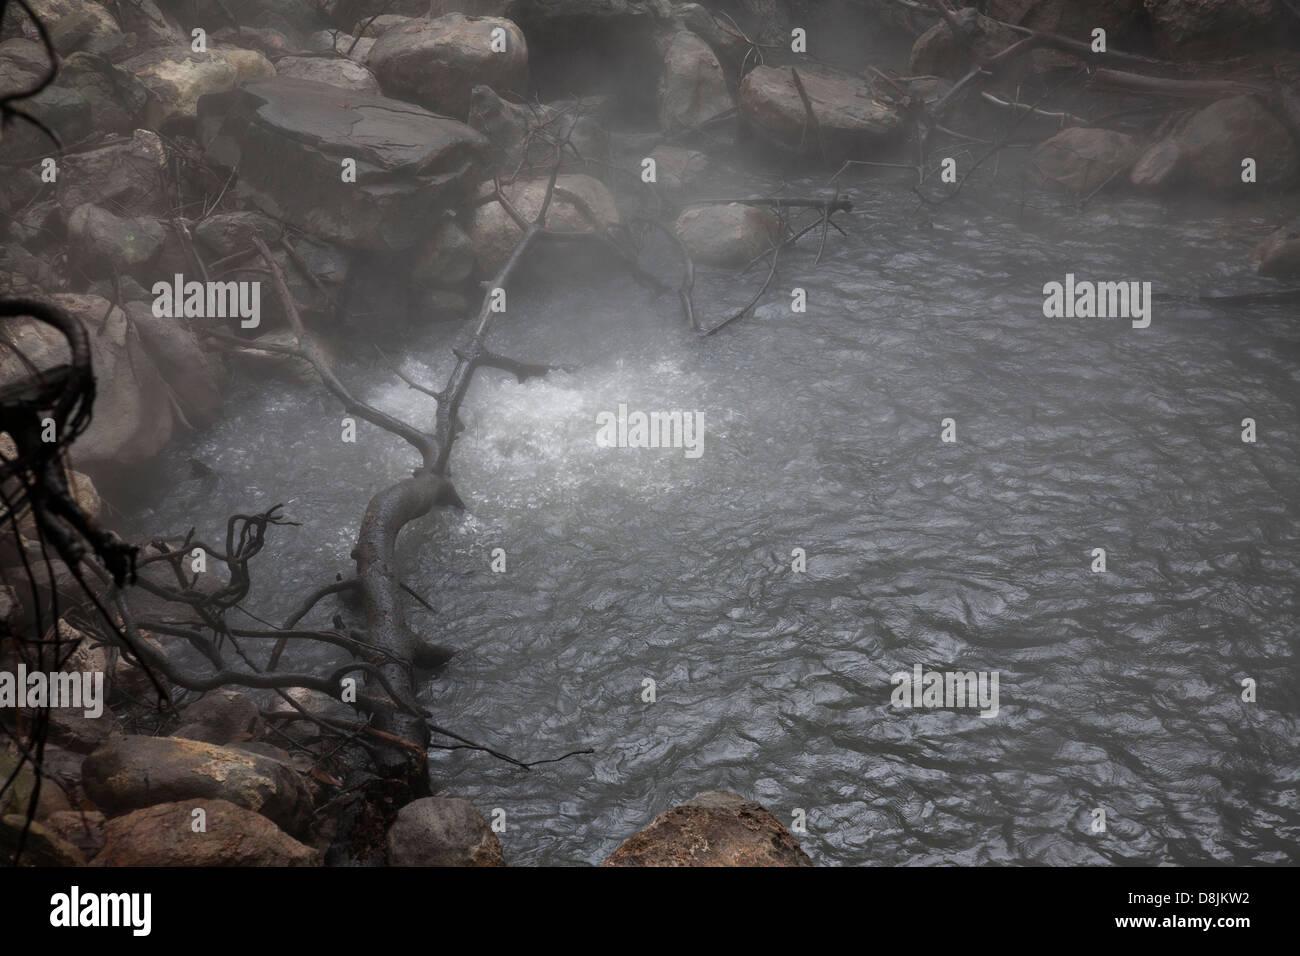 Fumaroles, boiling water and steam, Rincon de la Vieja National Park, Costa Rica Stock Photo